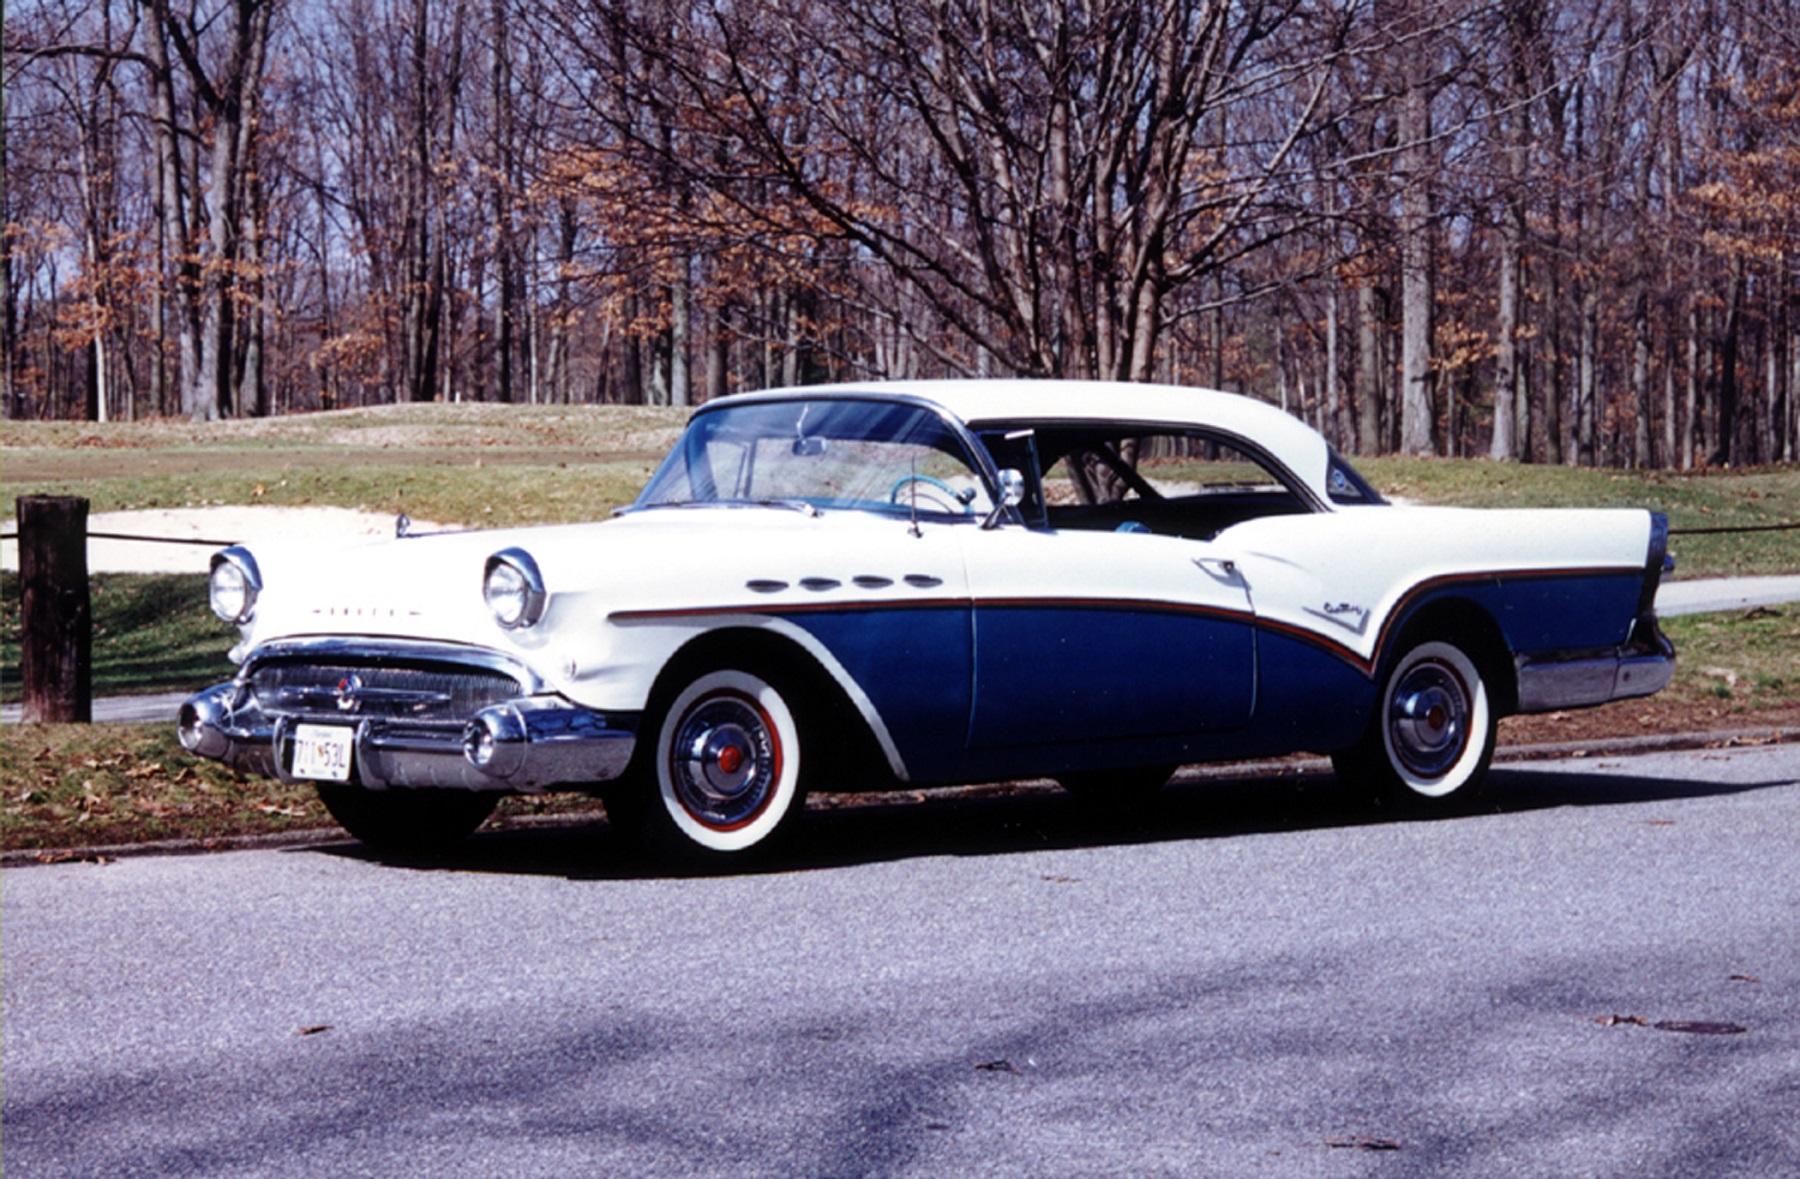 1957 Buick Riviera A Junkyard Rescue Classic Classics